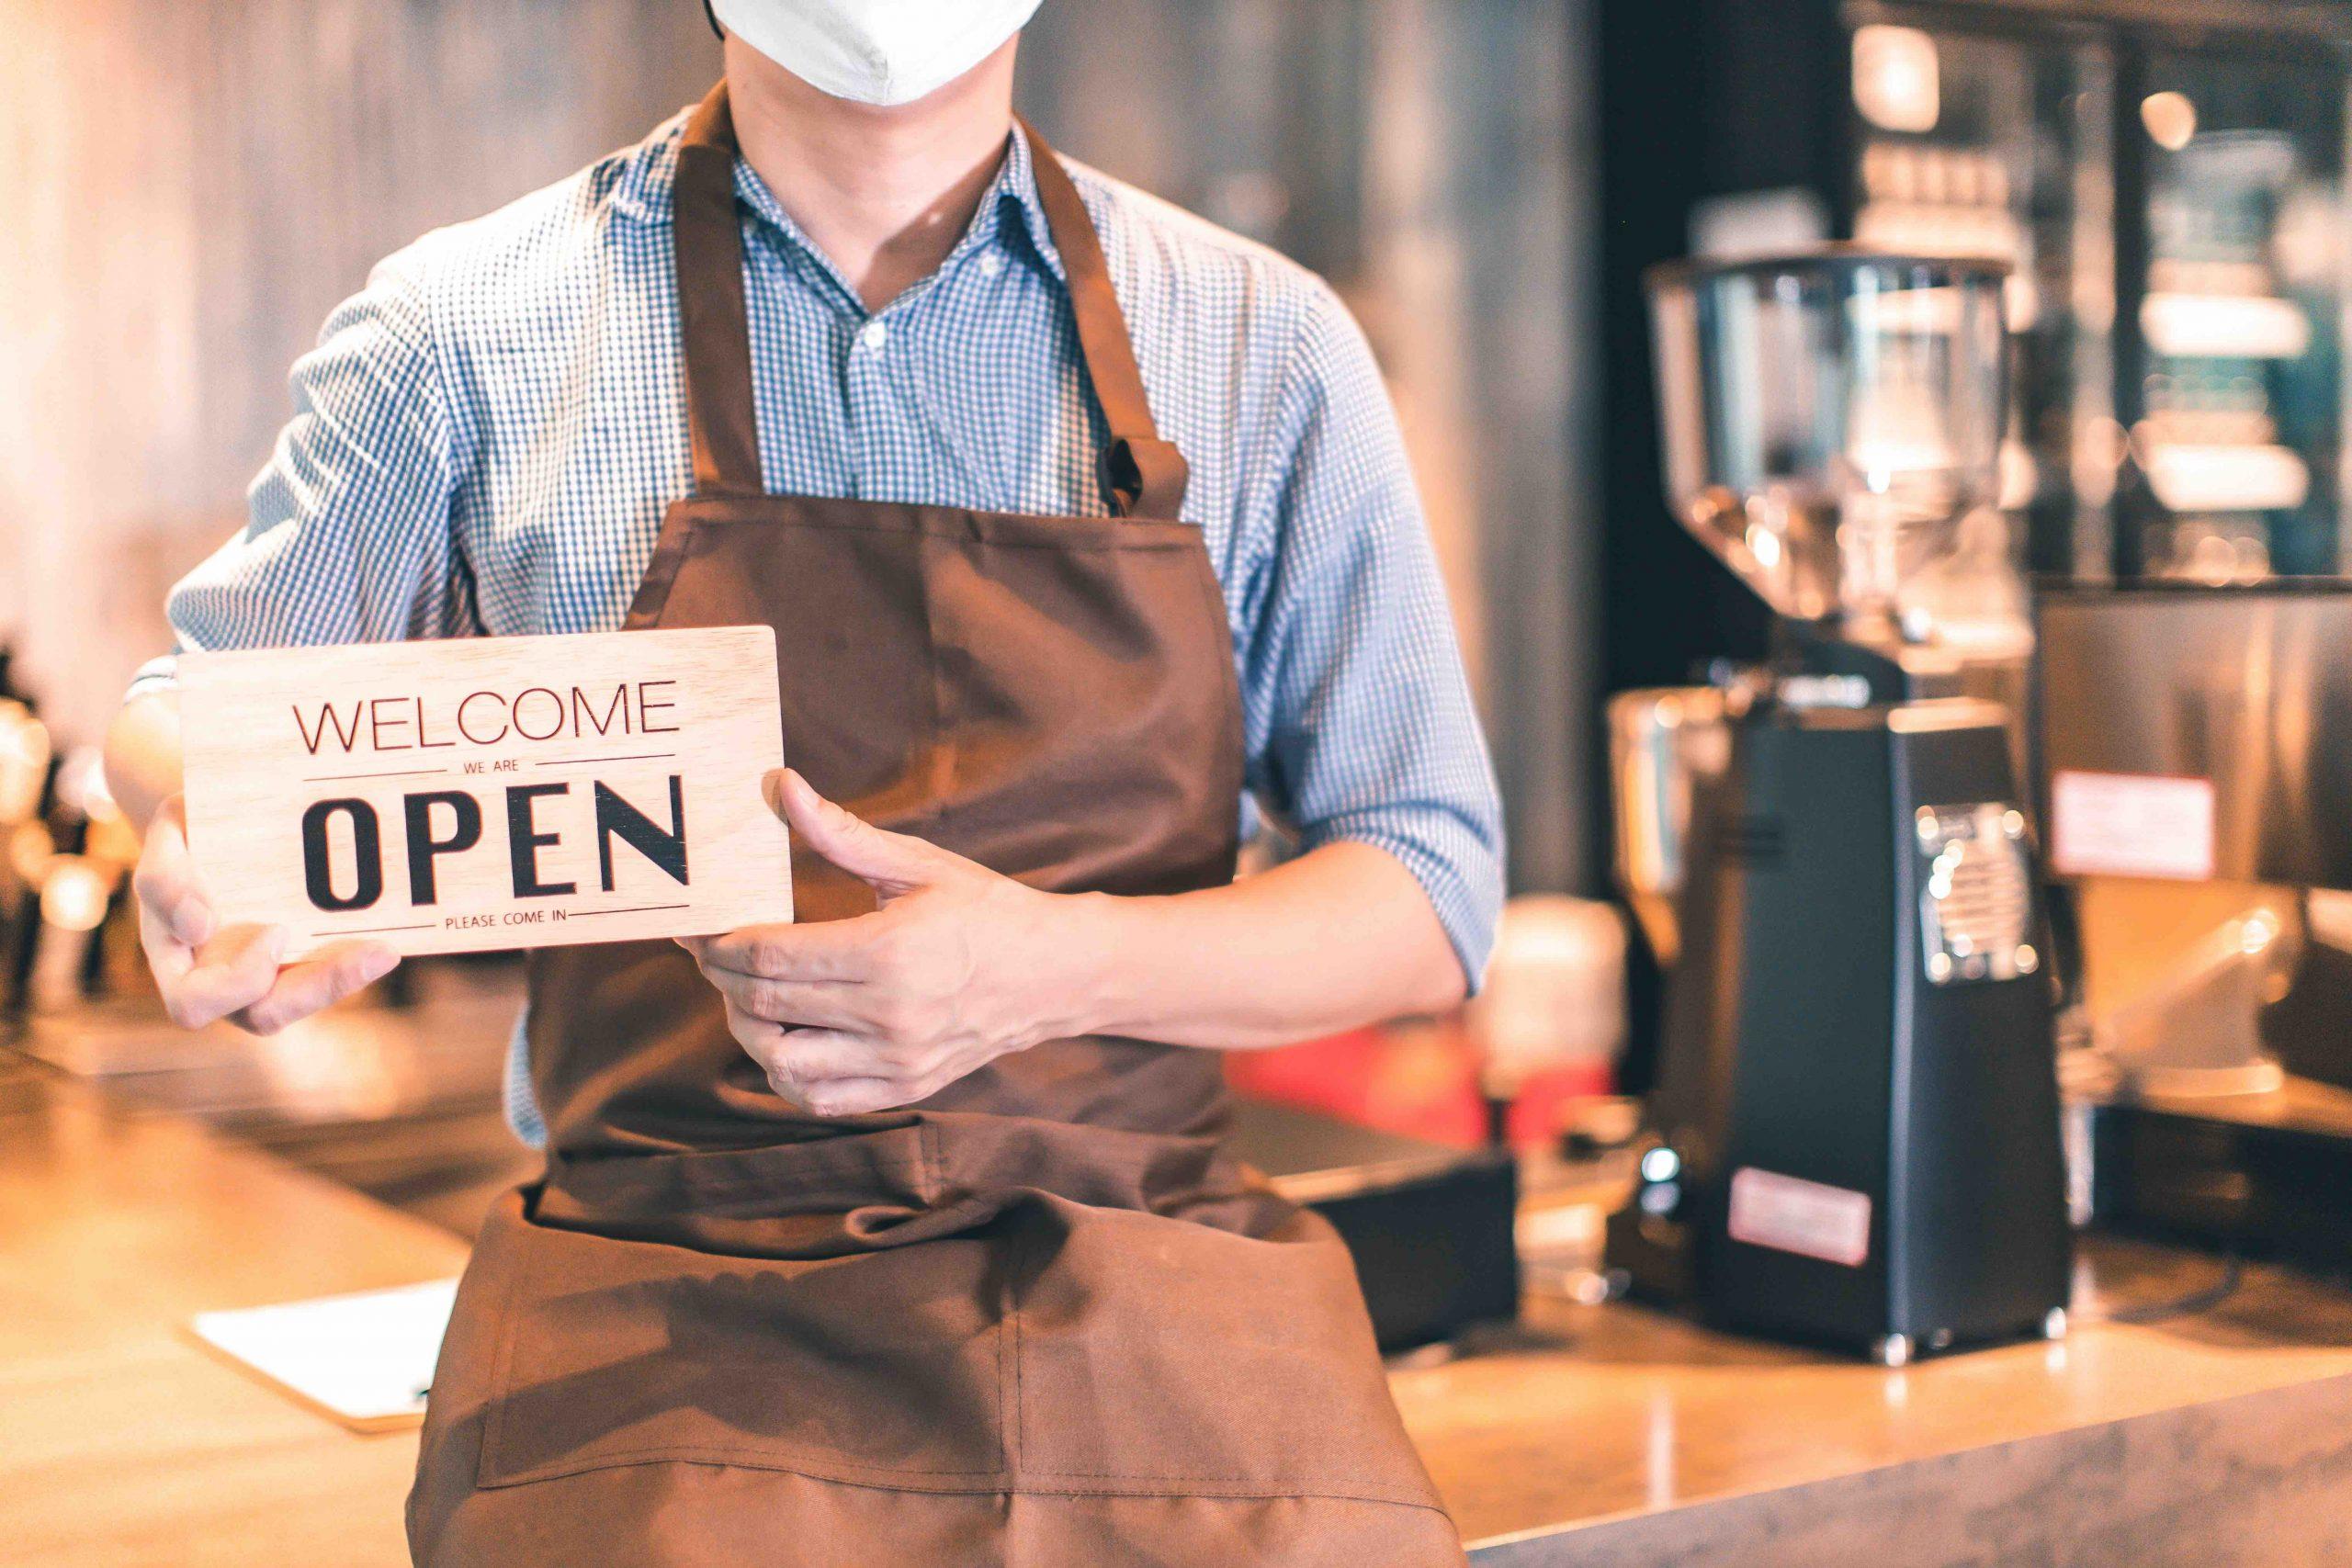 Kaffee Besitzer mit Schild in der Hand